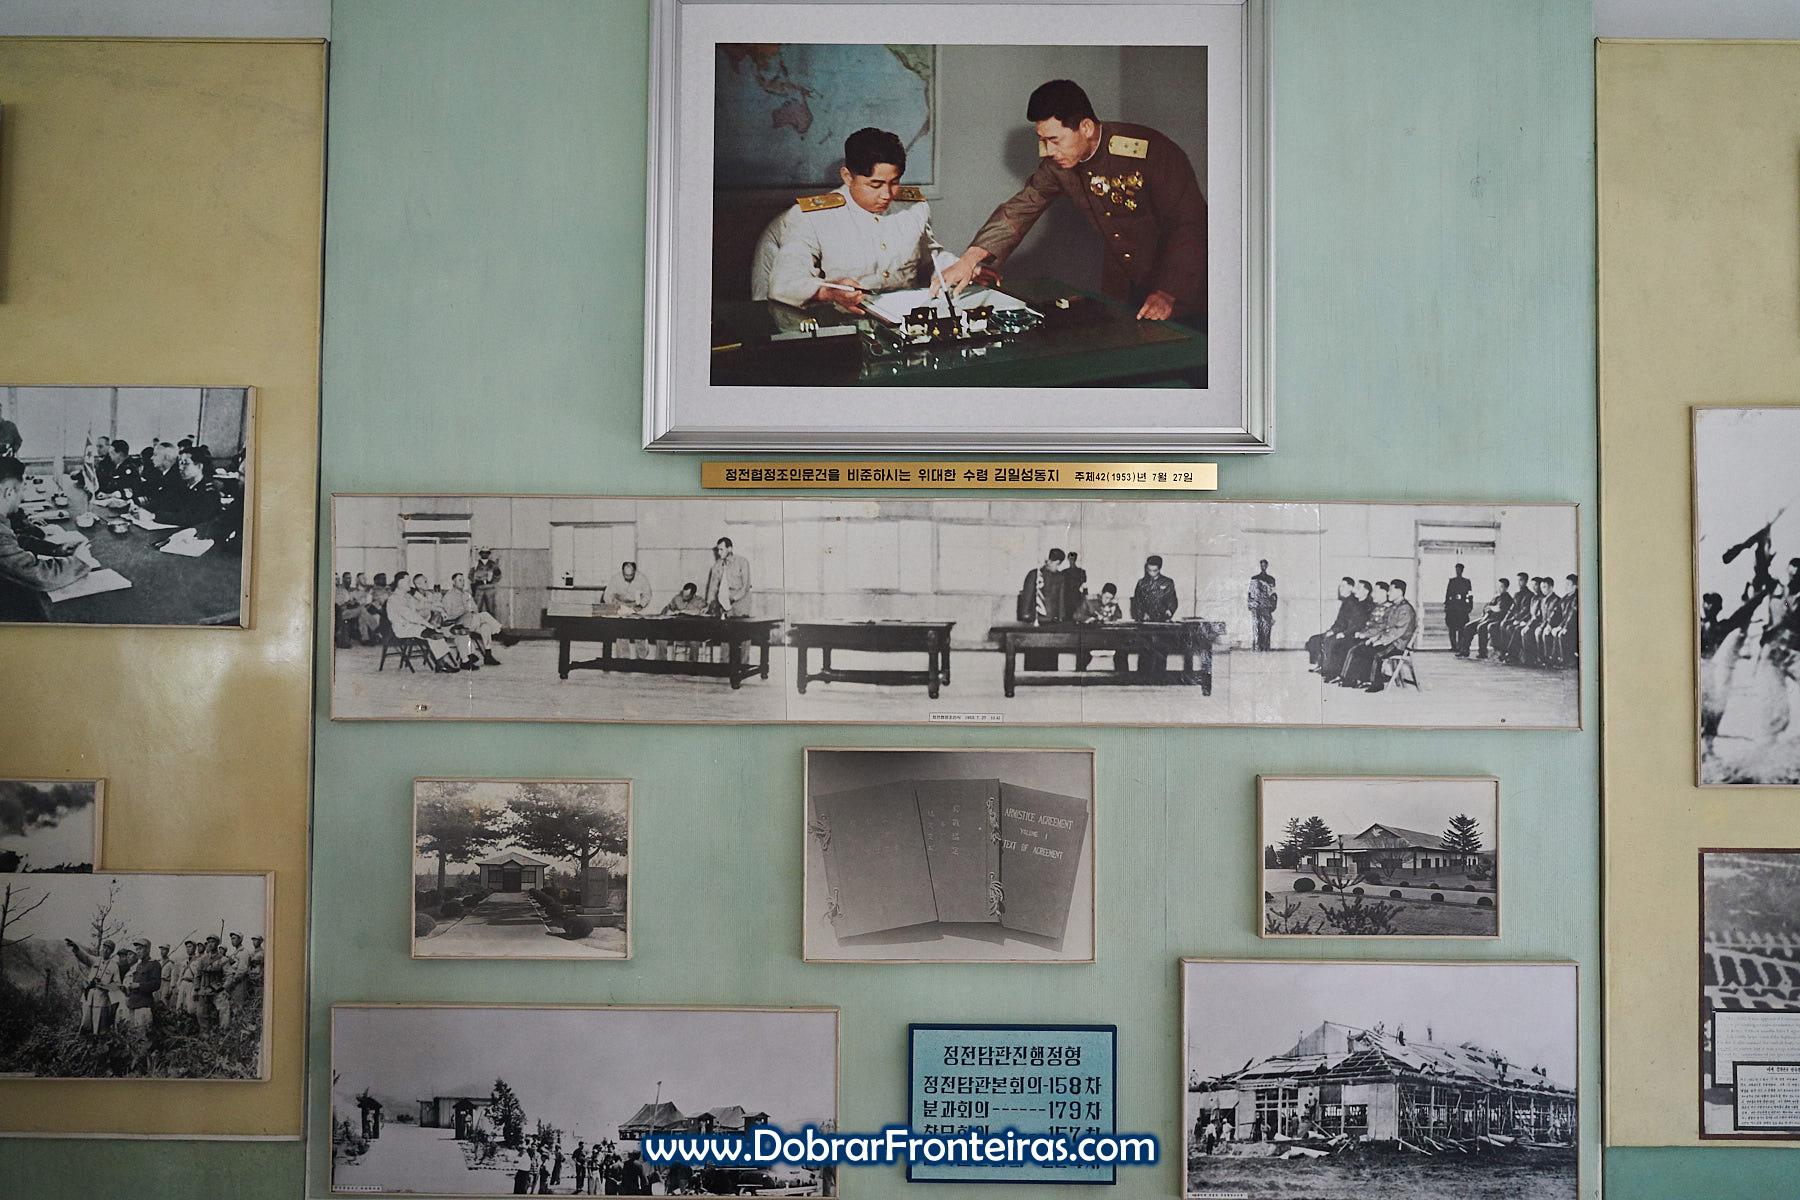 Fotografia histórica da assinatura do armistício